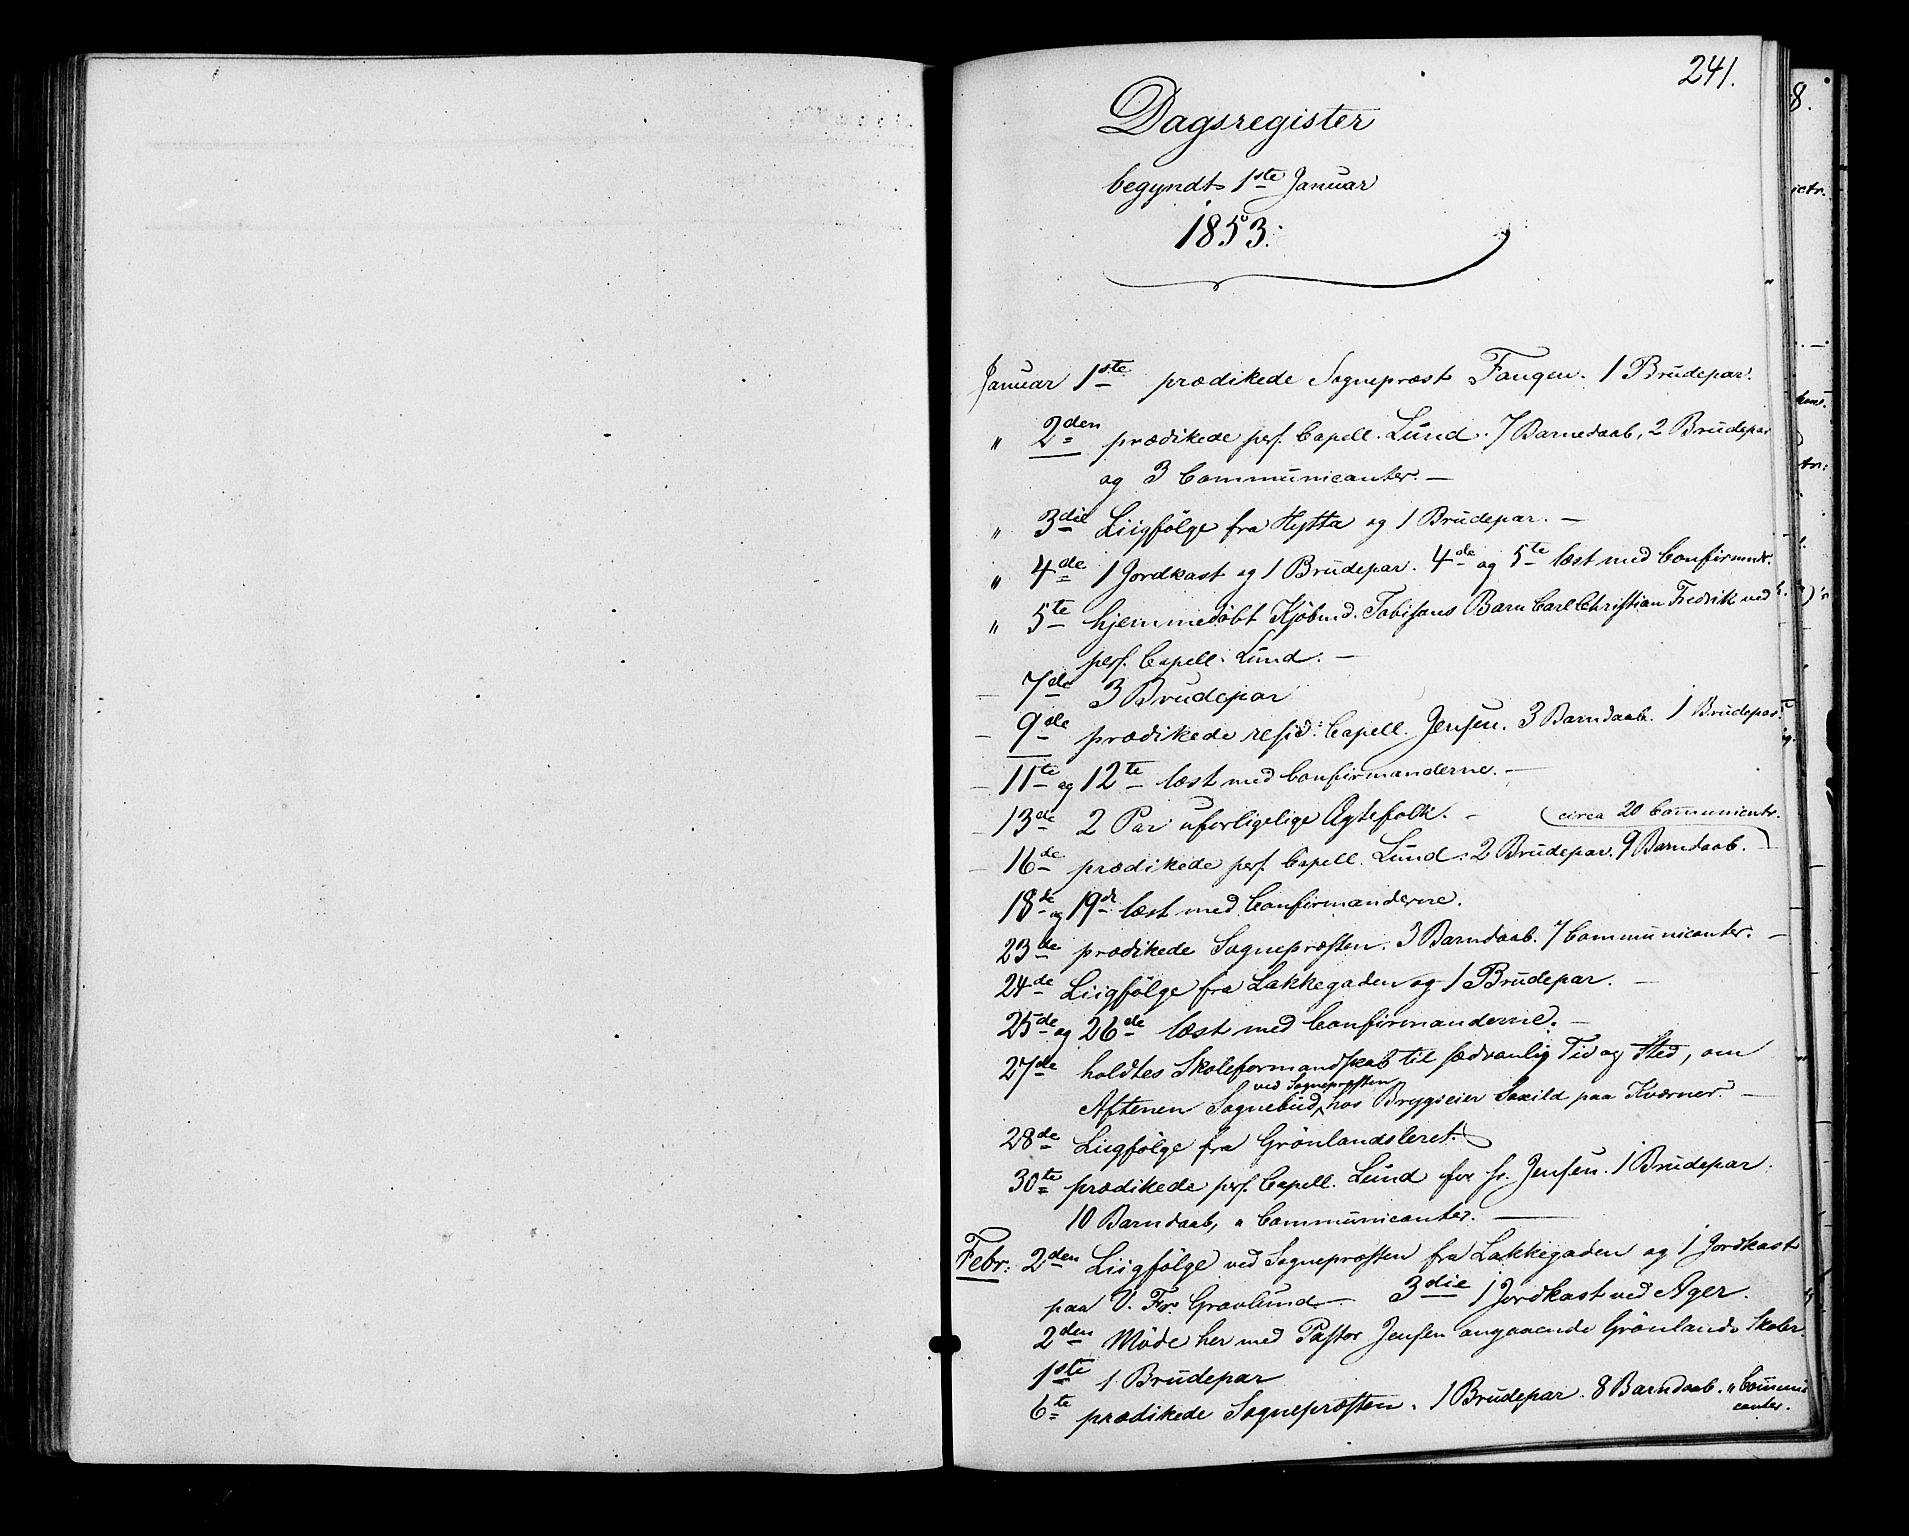 SAO, Vestre Aker prestekontor Kirkebøker, F/Fa/L0001: Ministerialbok nr. 1, 1853-1858, s. 241